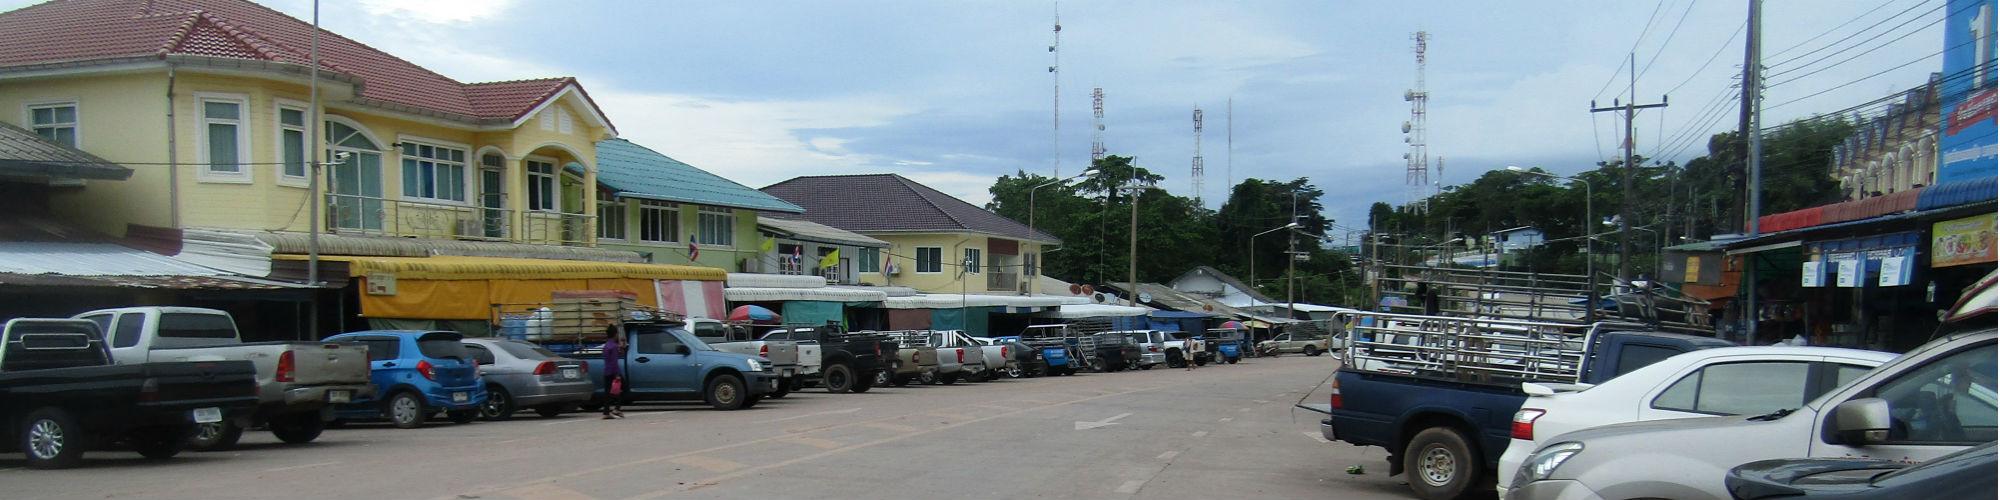 Ban Hat Lek, Khlong Yai District, Trat Province